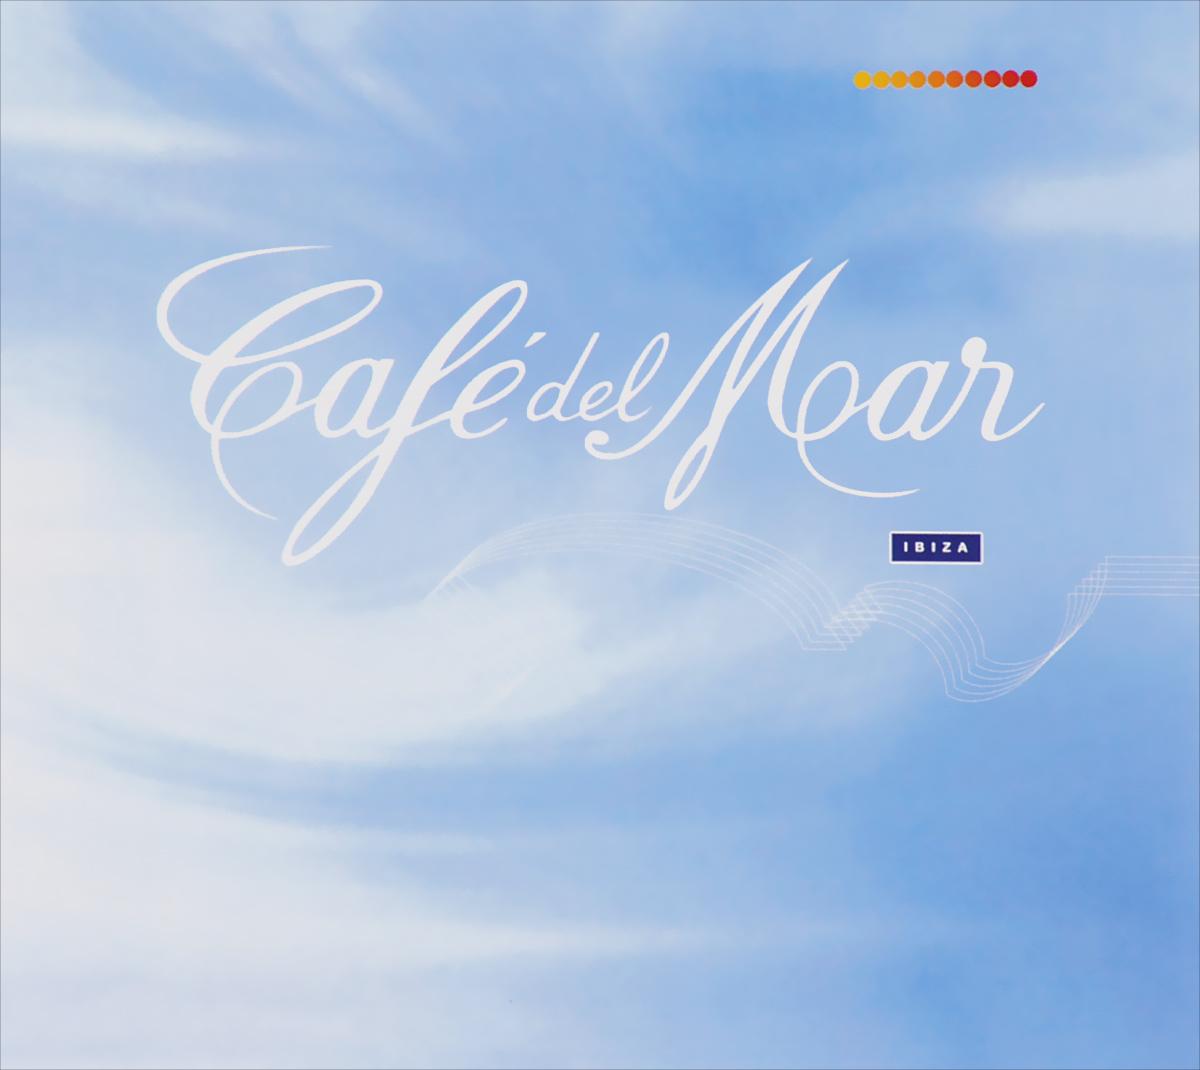 Cafe Del Mar Ibiza. Volume Uno 2014 Audio CD